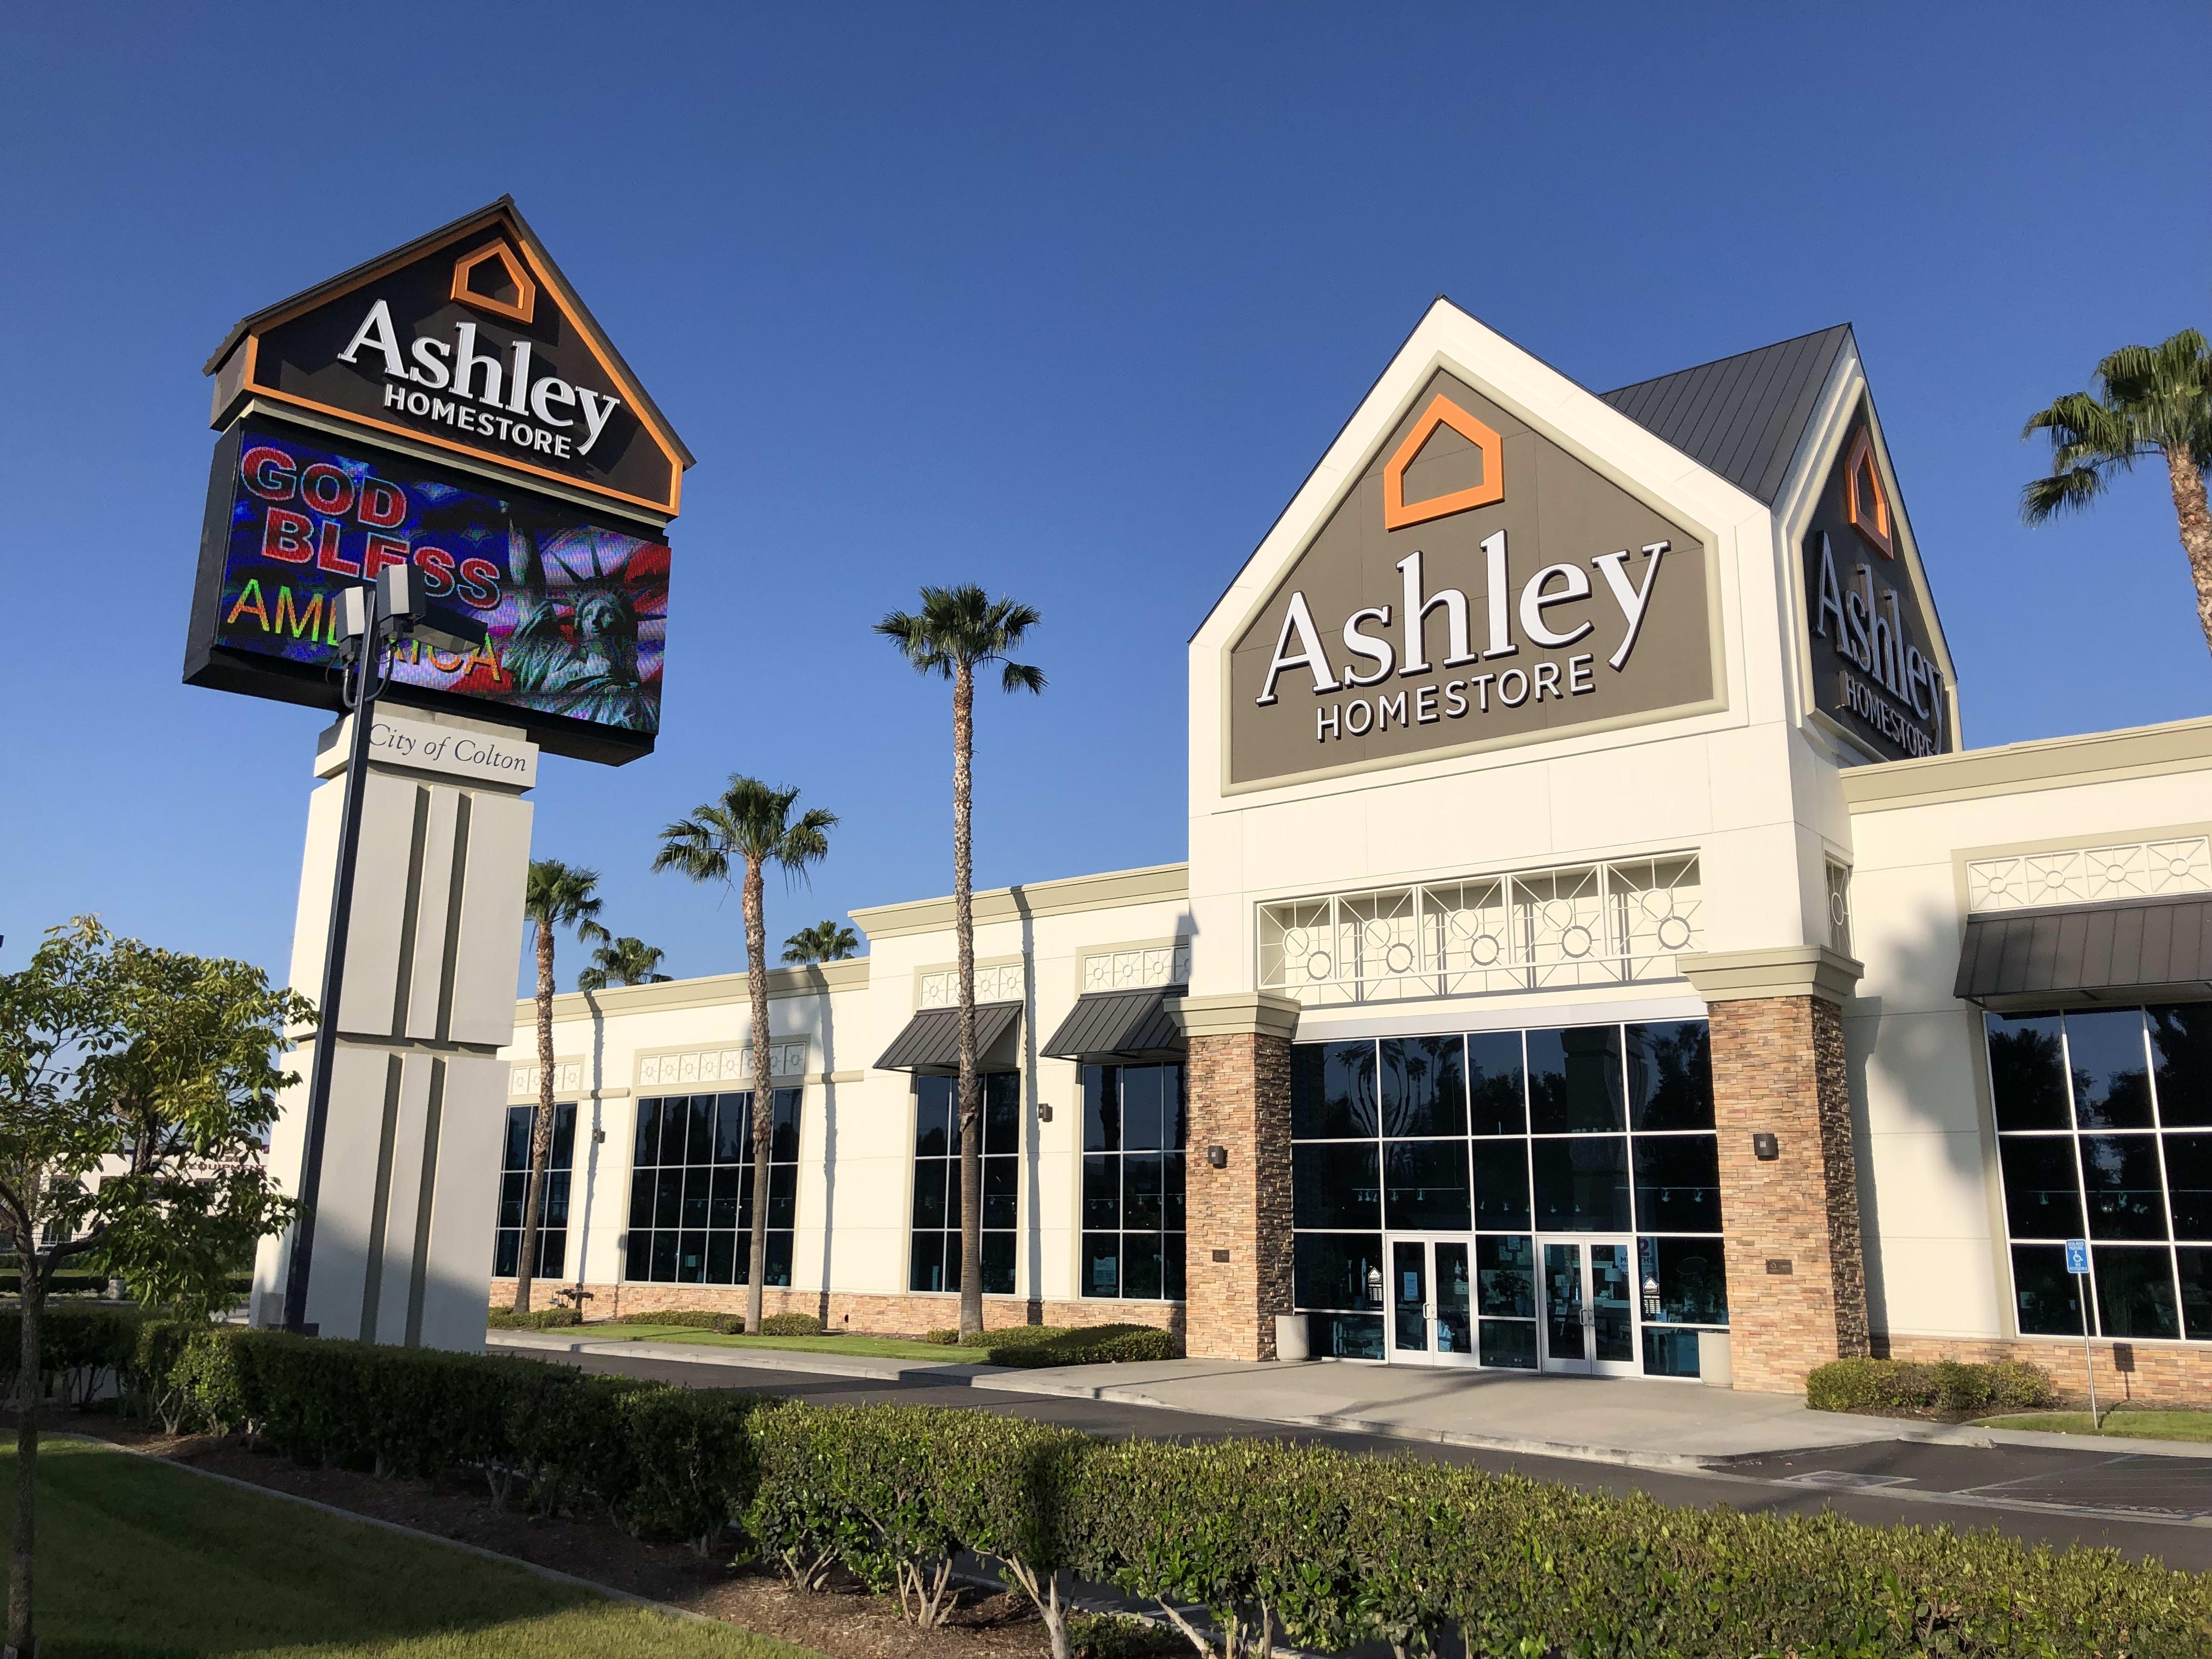 Furniture And Mattress Store In Colton Ca Ashley Homestore 7710000034